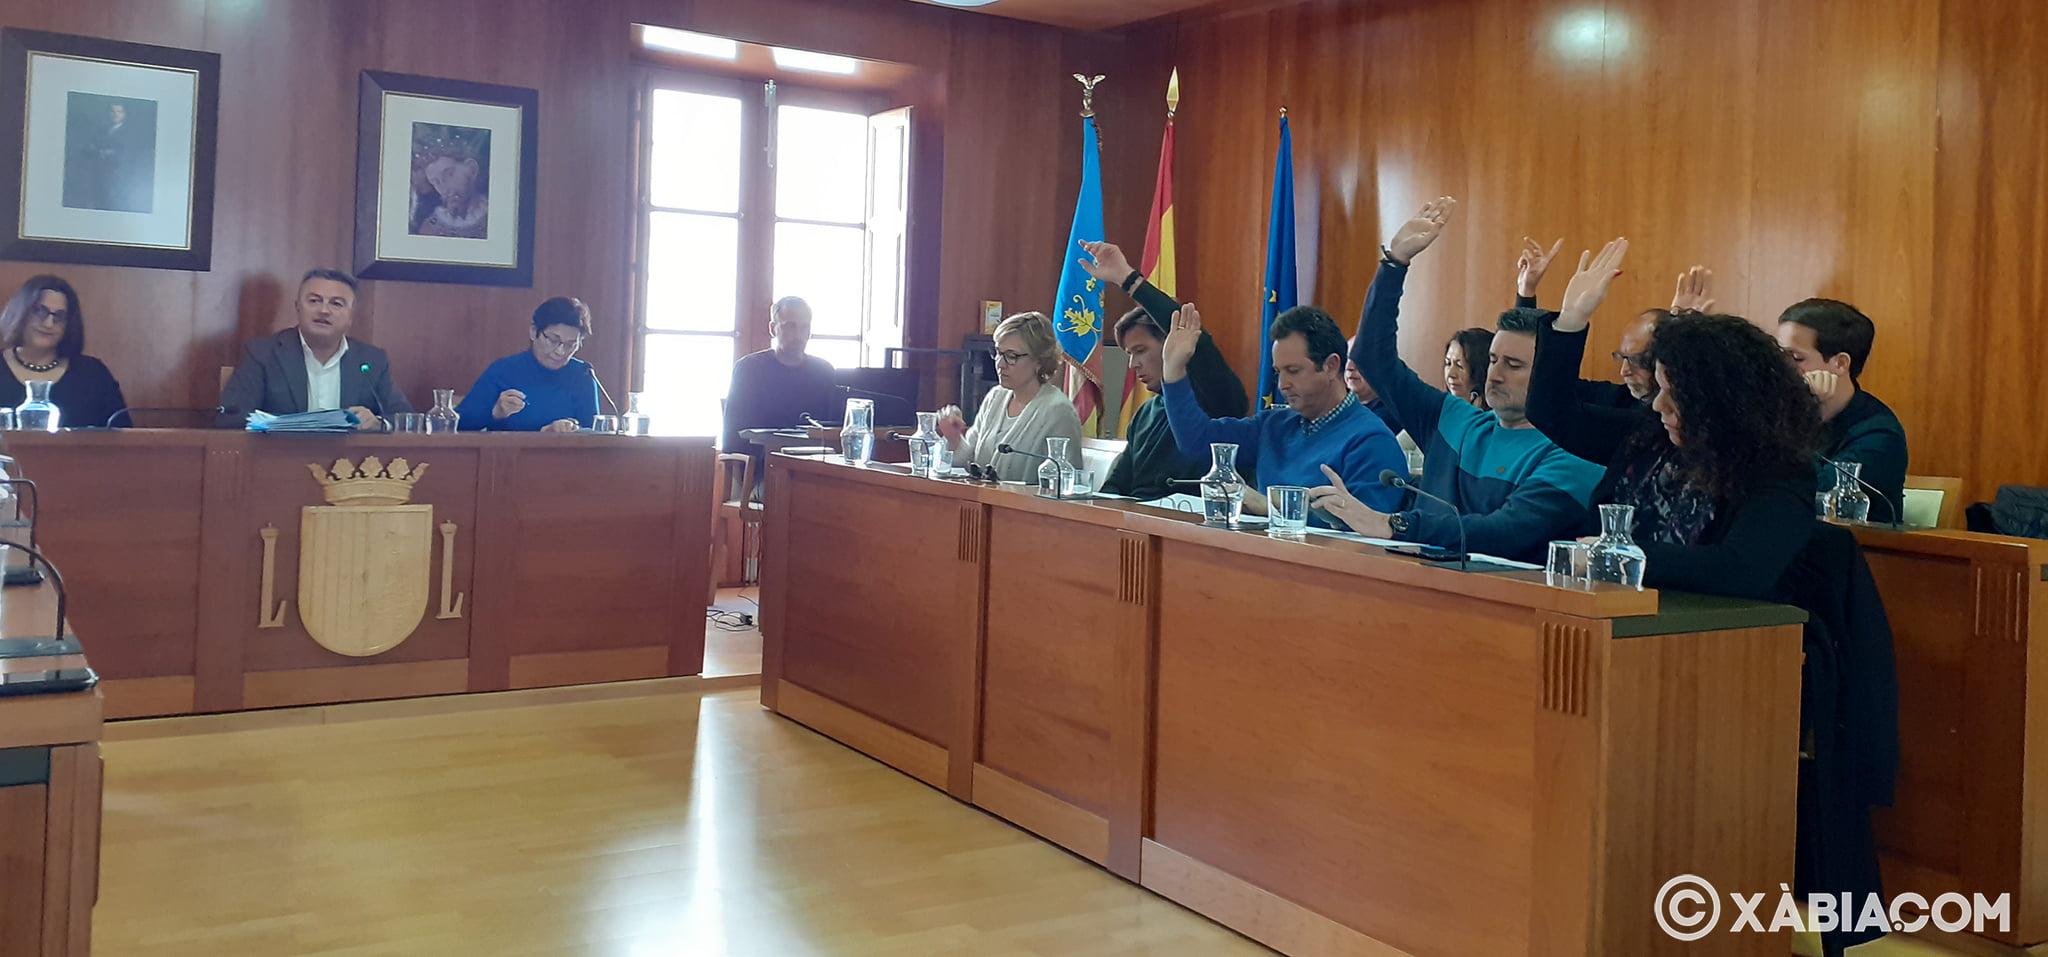 El PP de Xàbia se abstiene en la votación de la contrata d basura